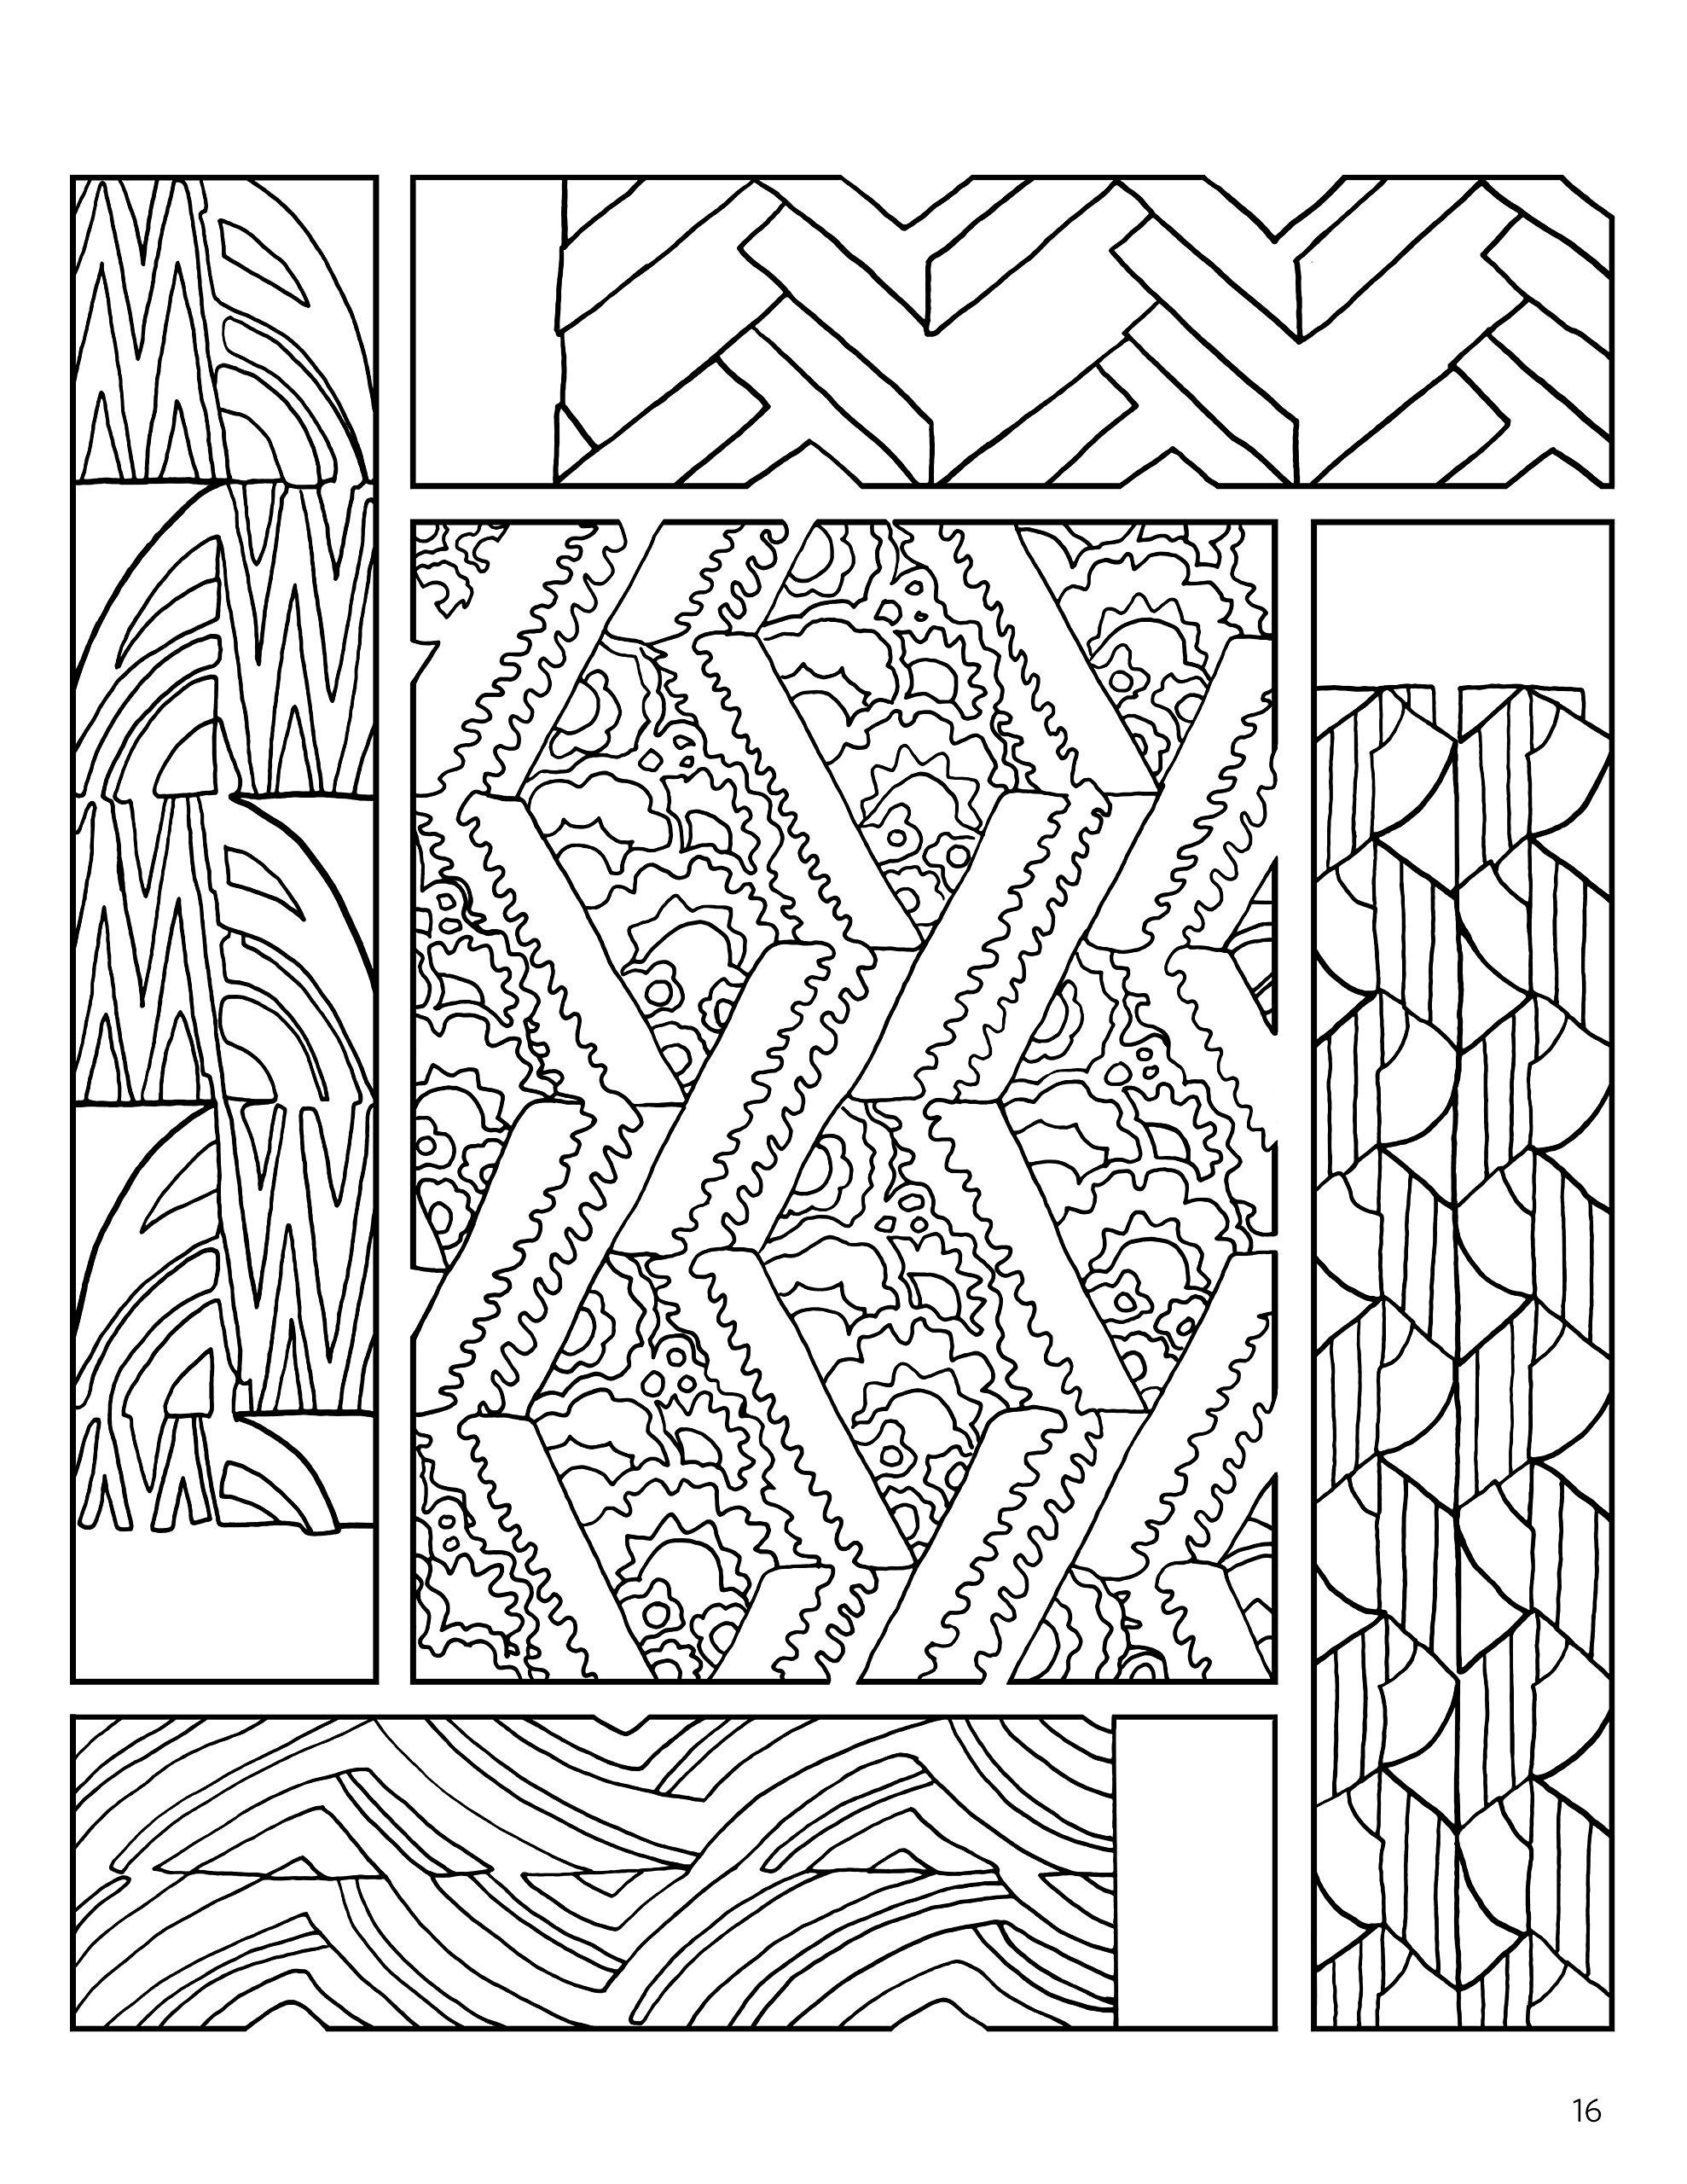 French Decorative Designs Coloring Book Pomegranate 9780764981395 Amazon Books